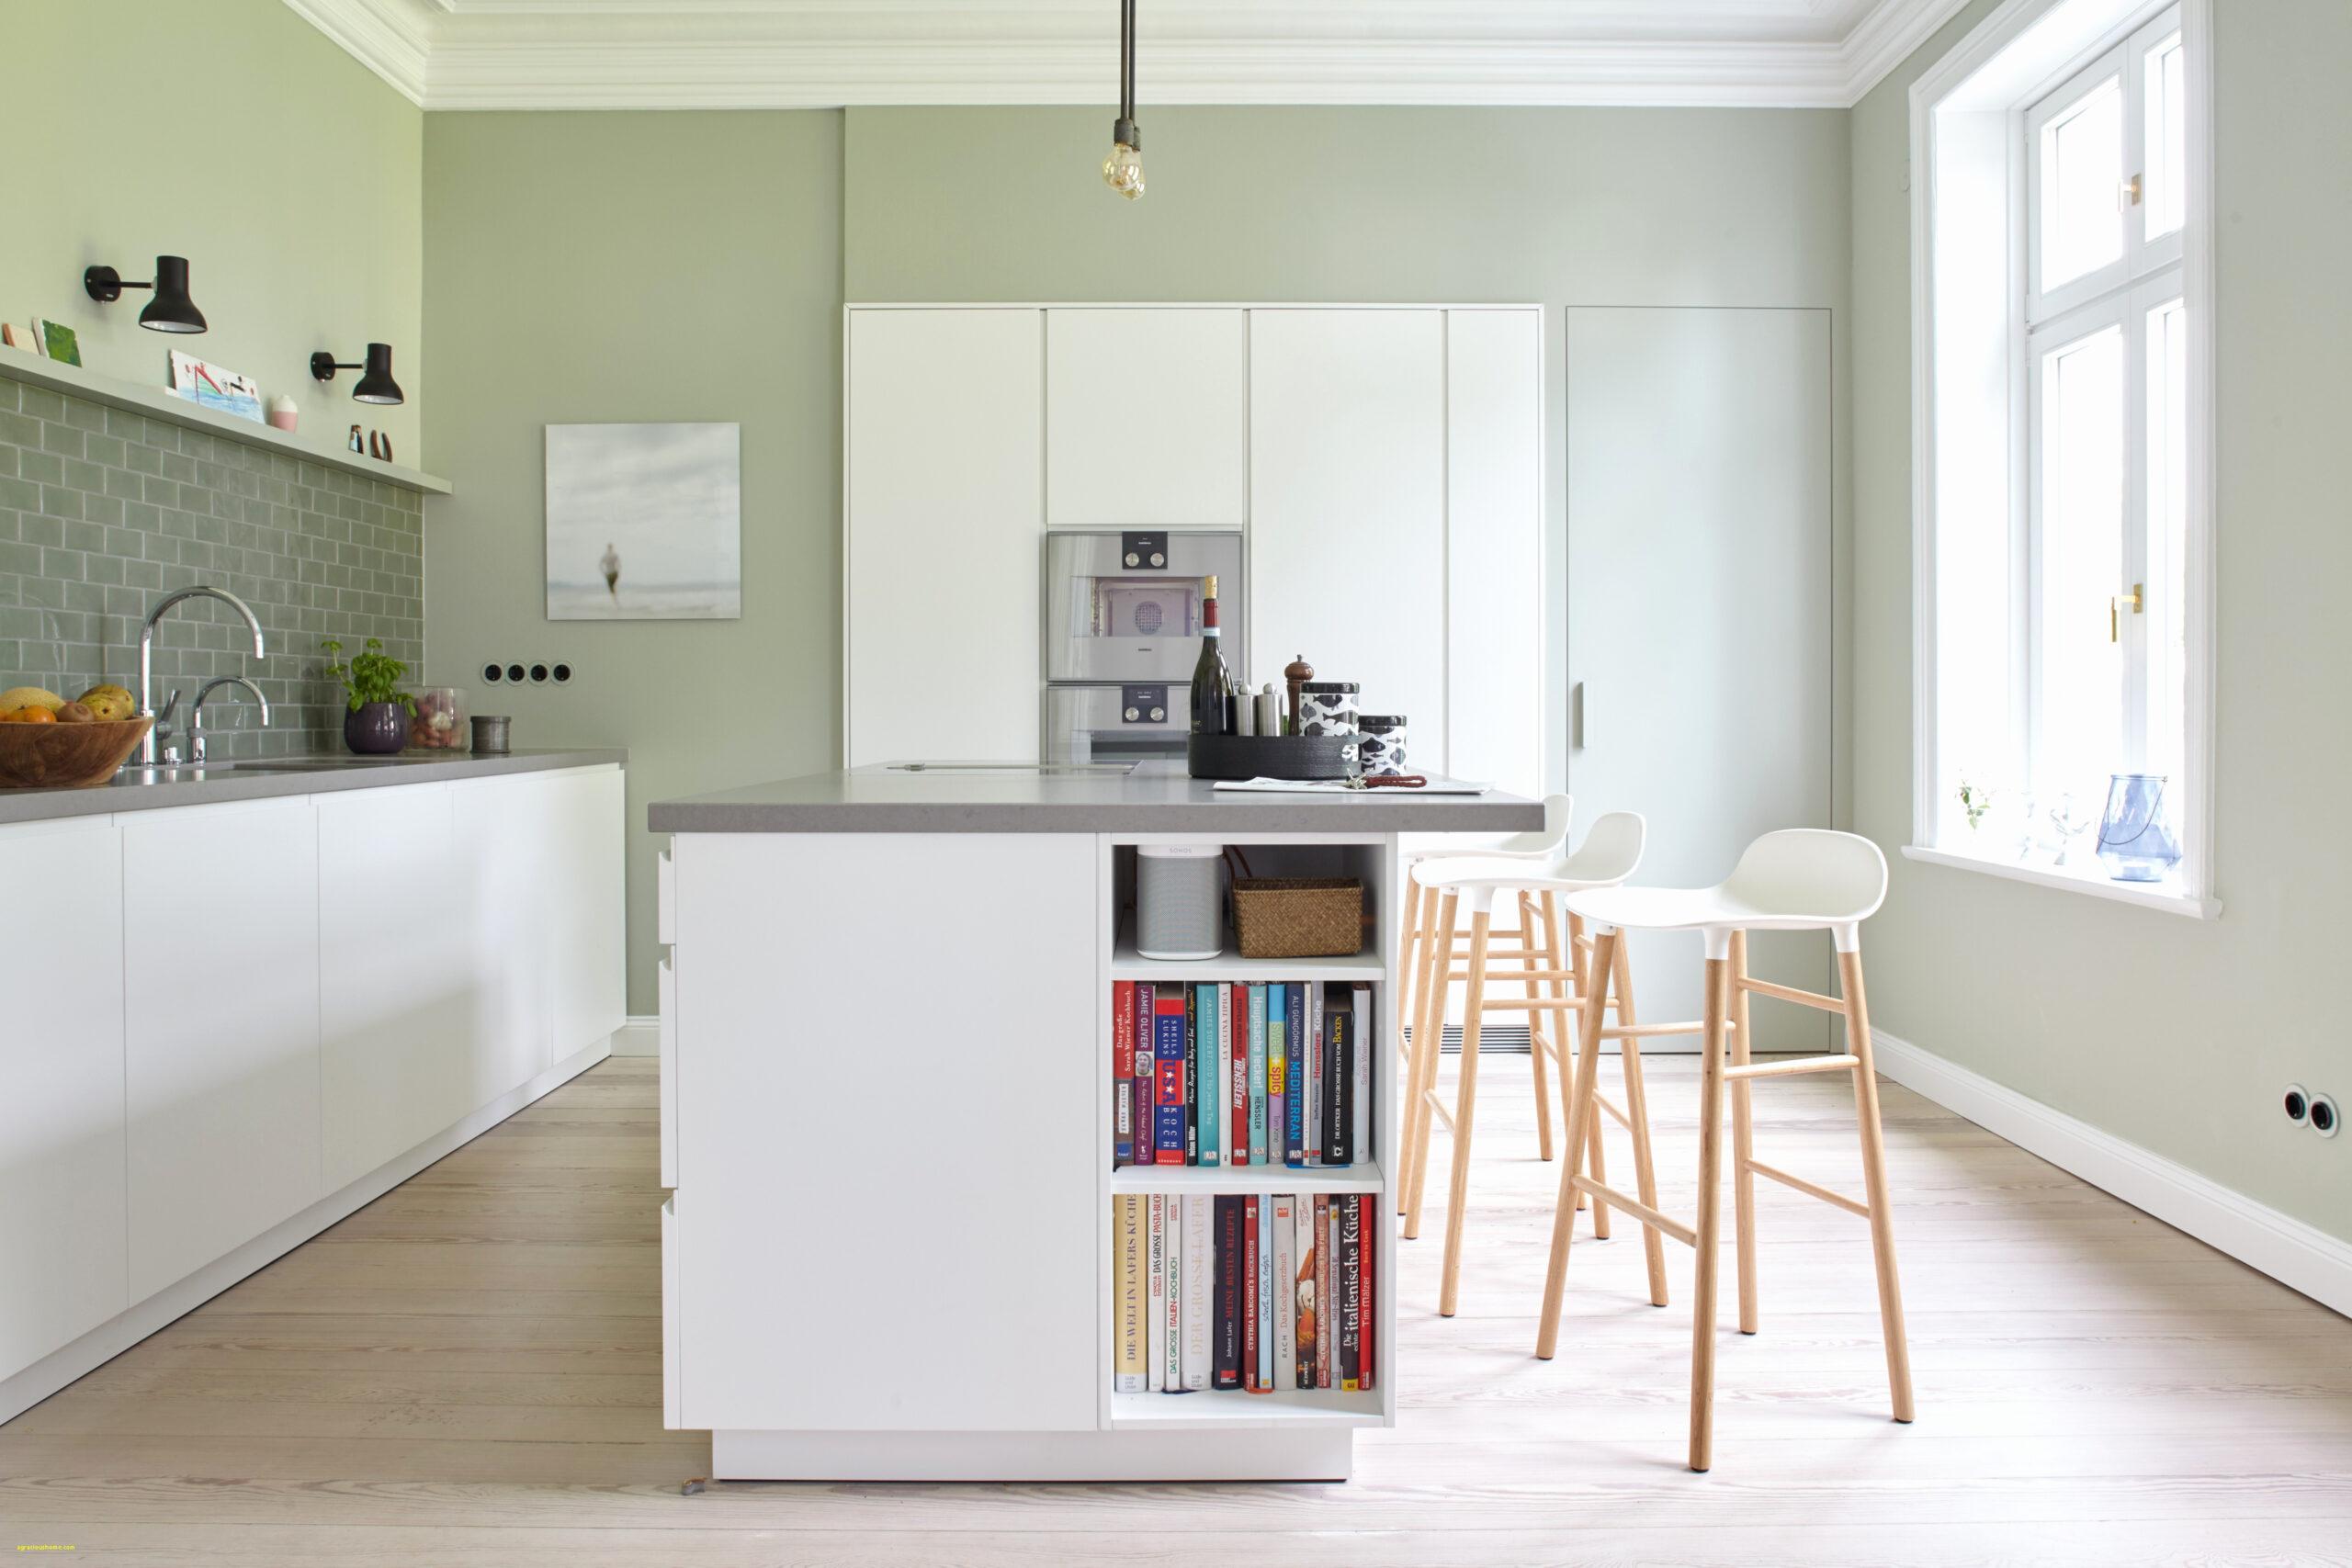 Full Size of Küche Zweifarbig Wand Streichen Muster Abkleben Luxus Apothekerschrank Klapptisch Rustikal Was Kostet Eine Fliesenspiegel Glas Led Deckenleuchte Wasserhahn Wohnzimmer Küche Zweifarbig